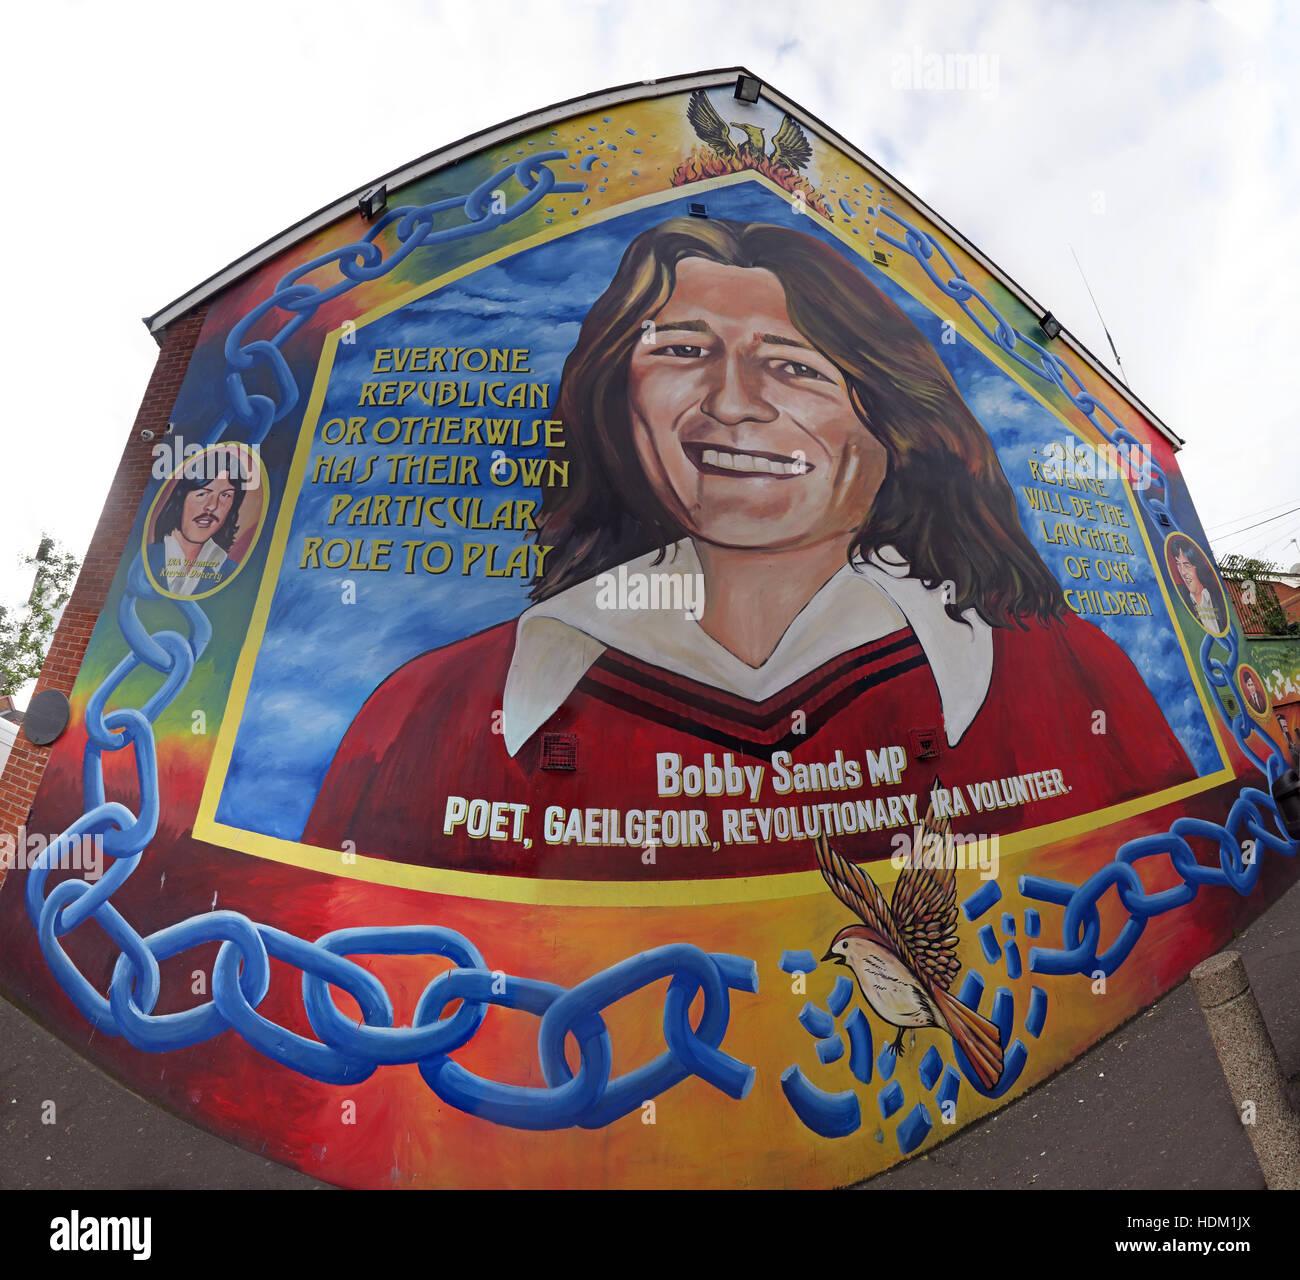 Laden Sie dieses Alamy Stockfoto Belfast fällt Rd republikanischen Wandbild-Bobby Sands Dichter, revolutionär, IRA Volunteer am Giebel Ende Weitwinkel - HDM1JX